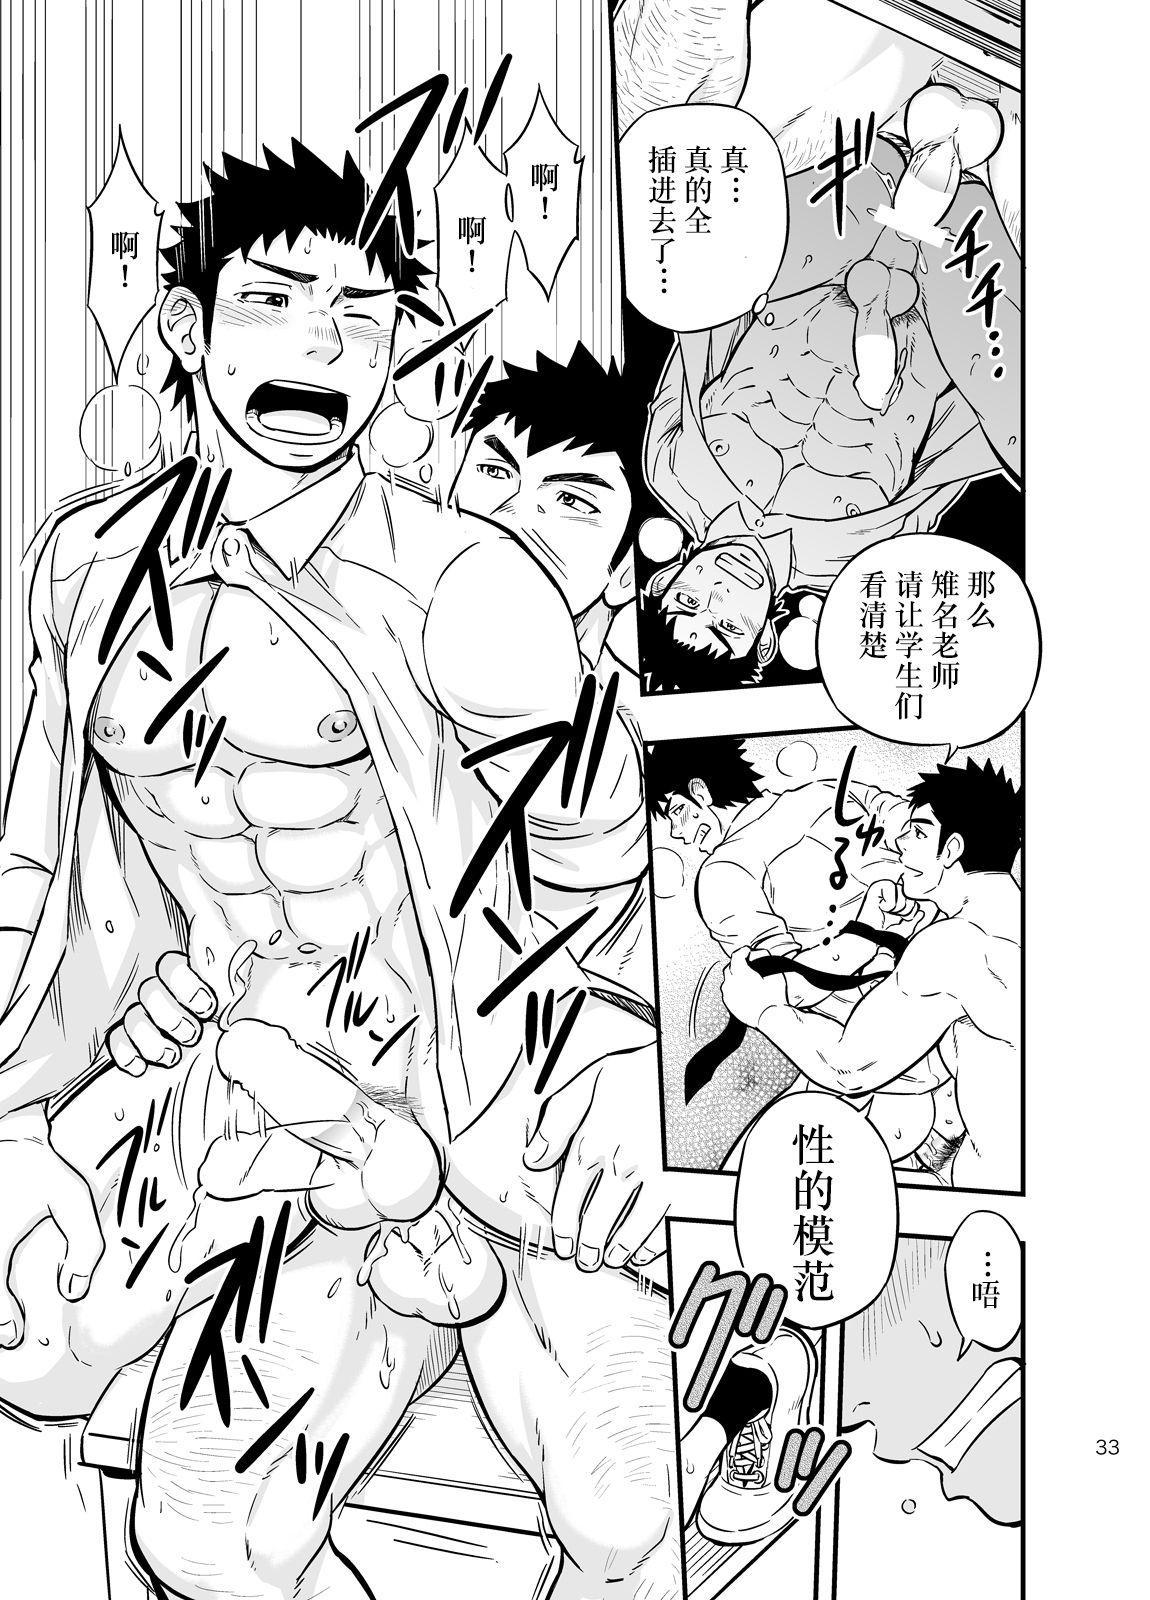 Moshimo Danshikou no Hoken Taiiku ga Jitsugi Ari Dattara 2 | 如果男校的保健体育课有实践环节的话 2 31